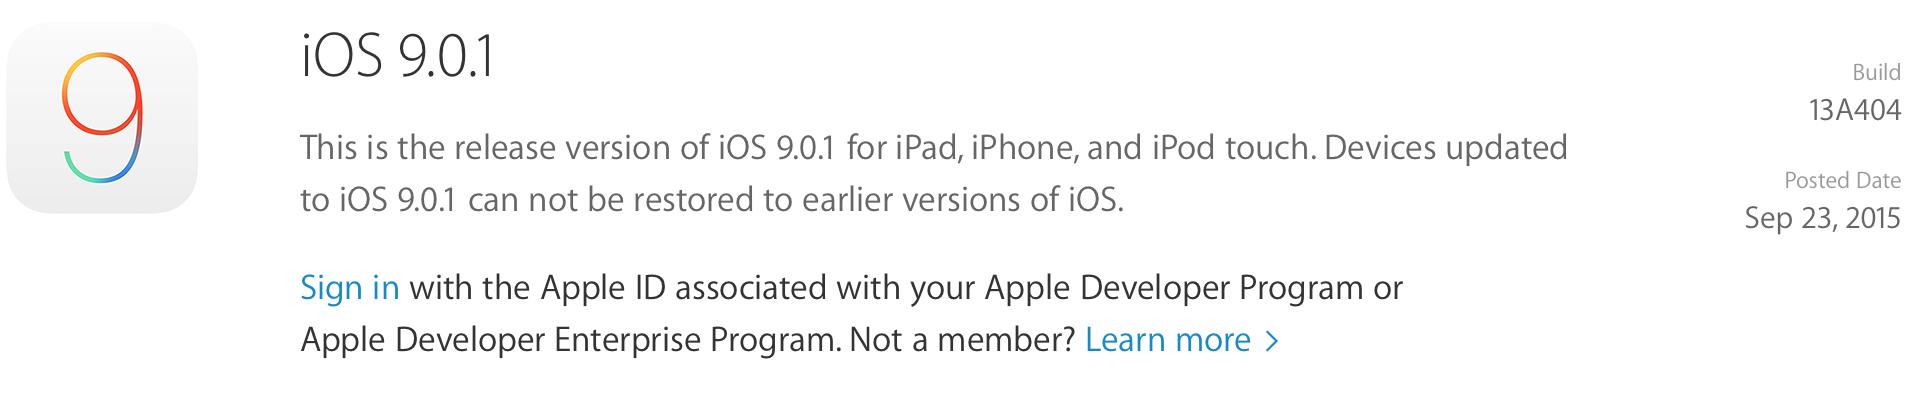 Apple iOS Update Topic-bildschirmfoto-2015-09-23-um-19.15.01.png